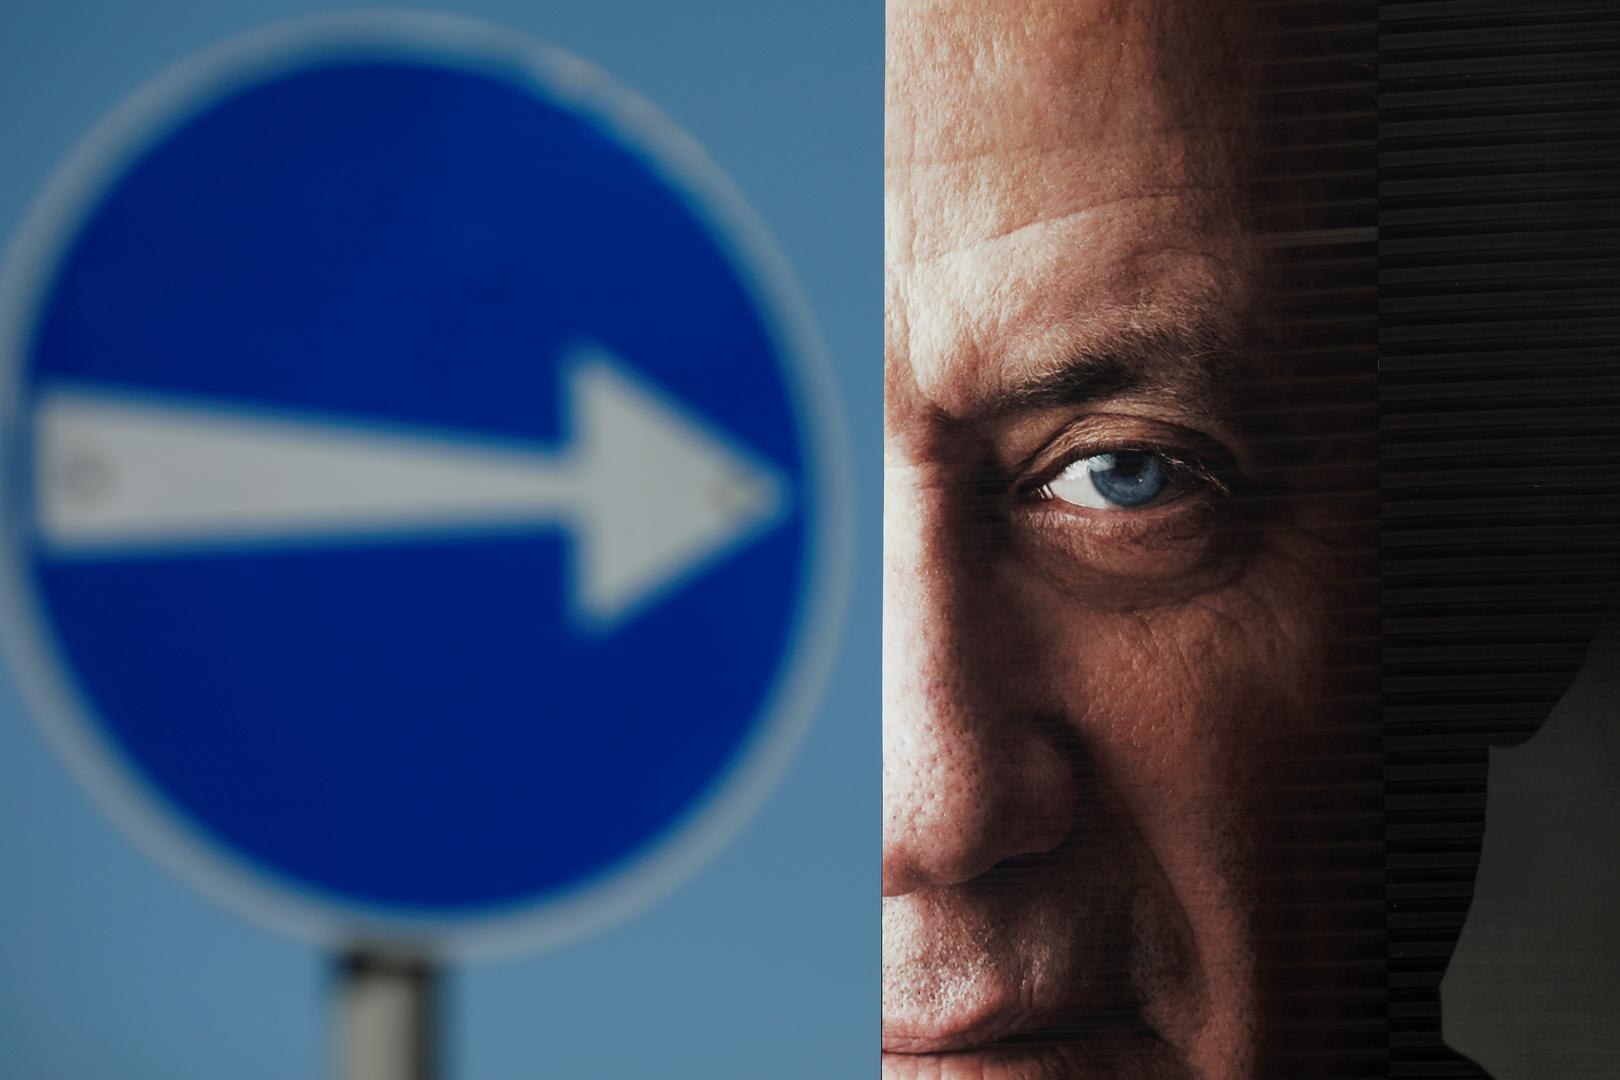 إسرائيل.. غانتس يقبل شروط ليبرمان لبدء مفاوضات تشكيل الحكومة